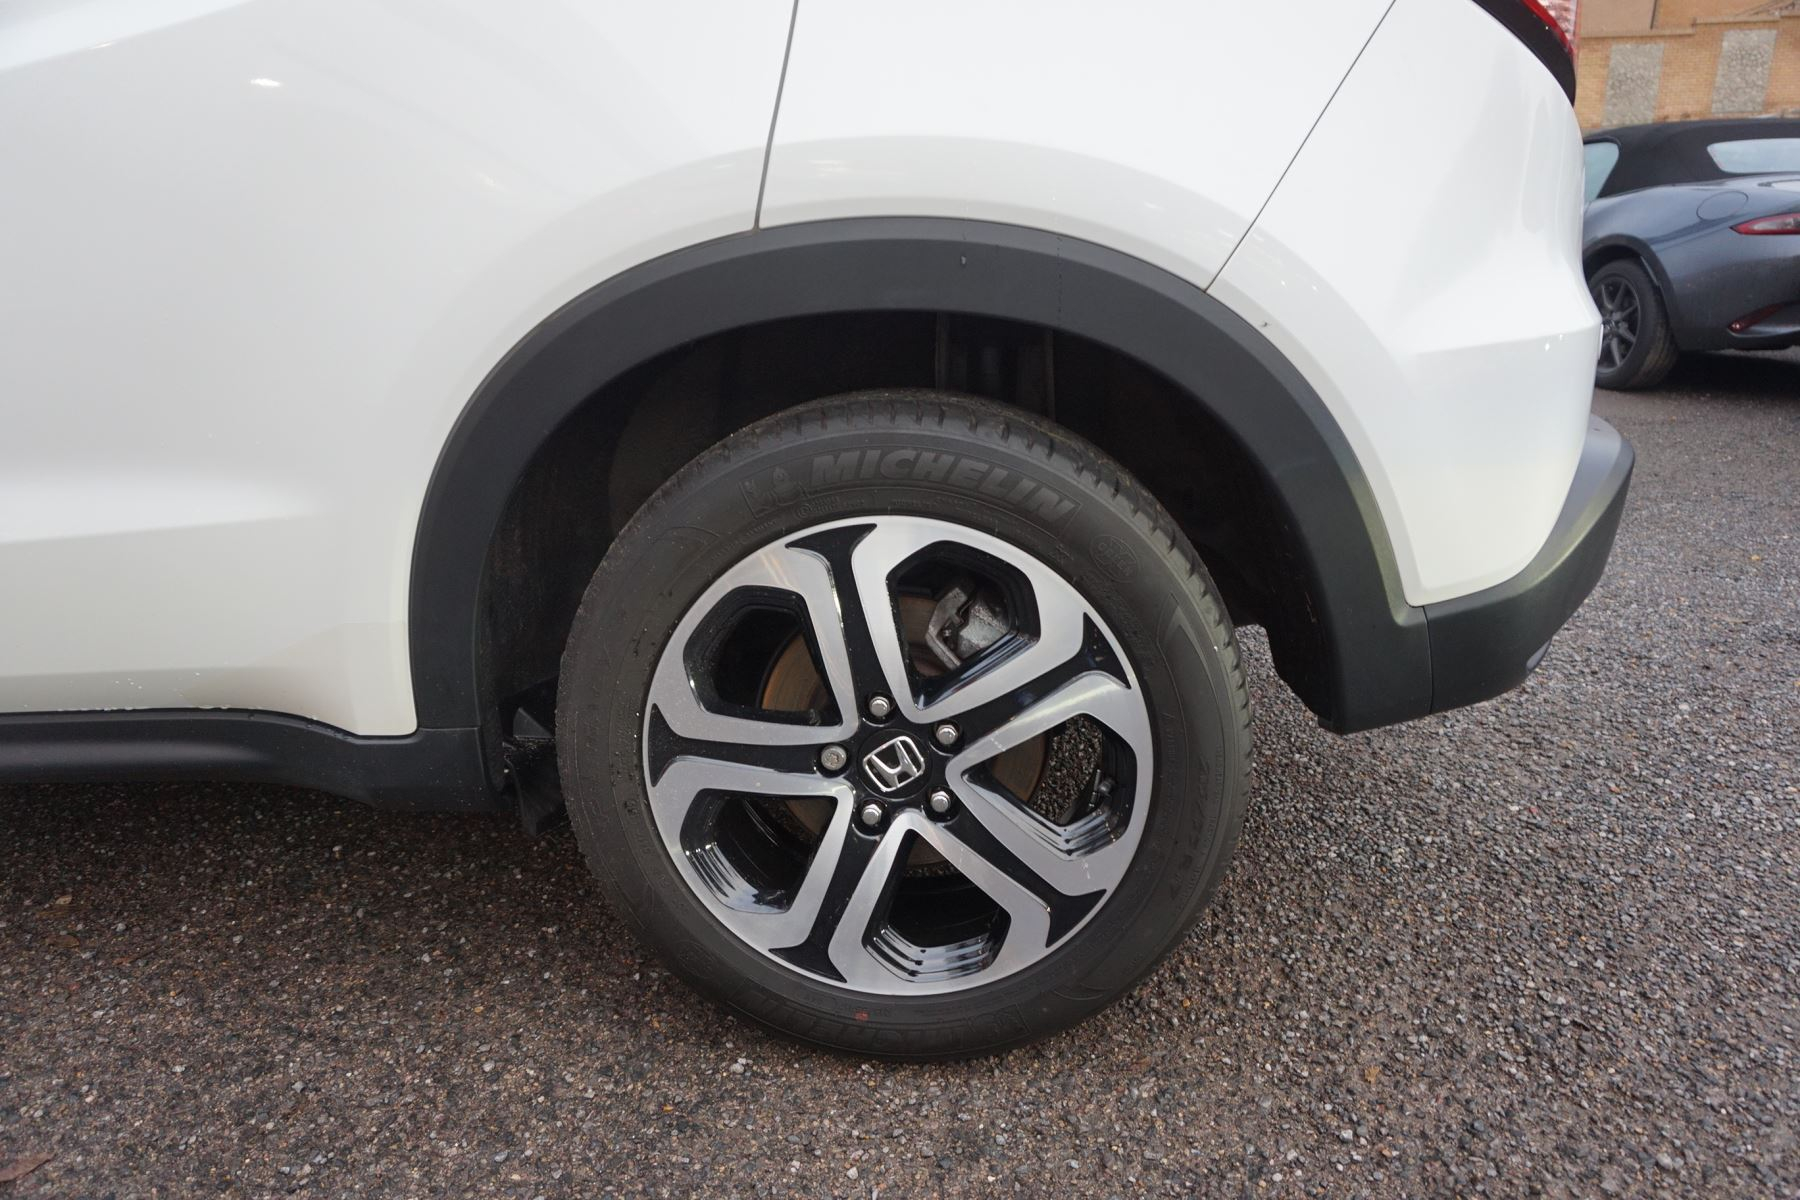 Honda HR-V 1.6 i-DTEC EX 5dr image 7